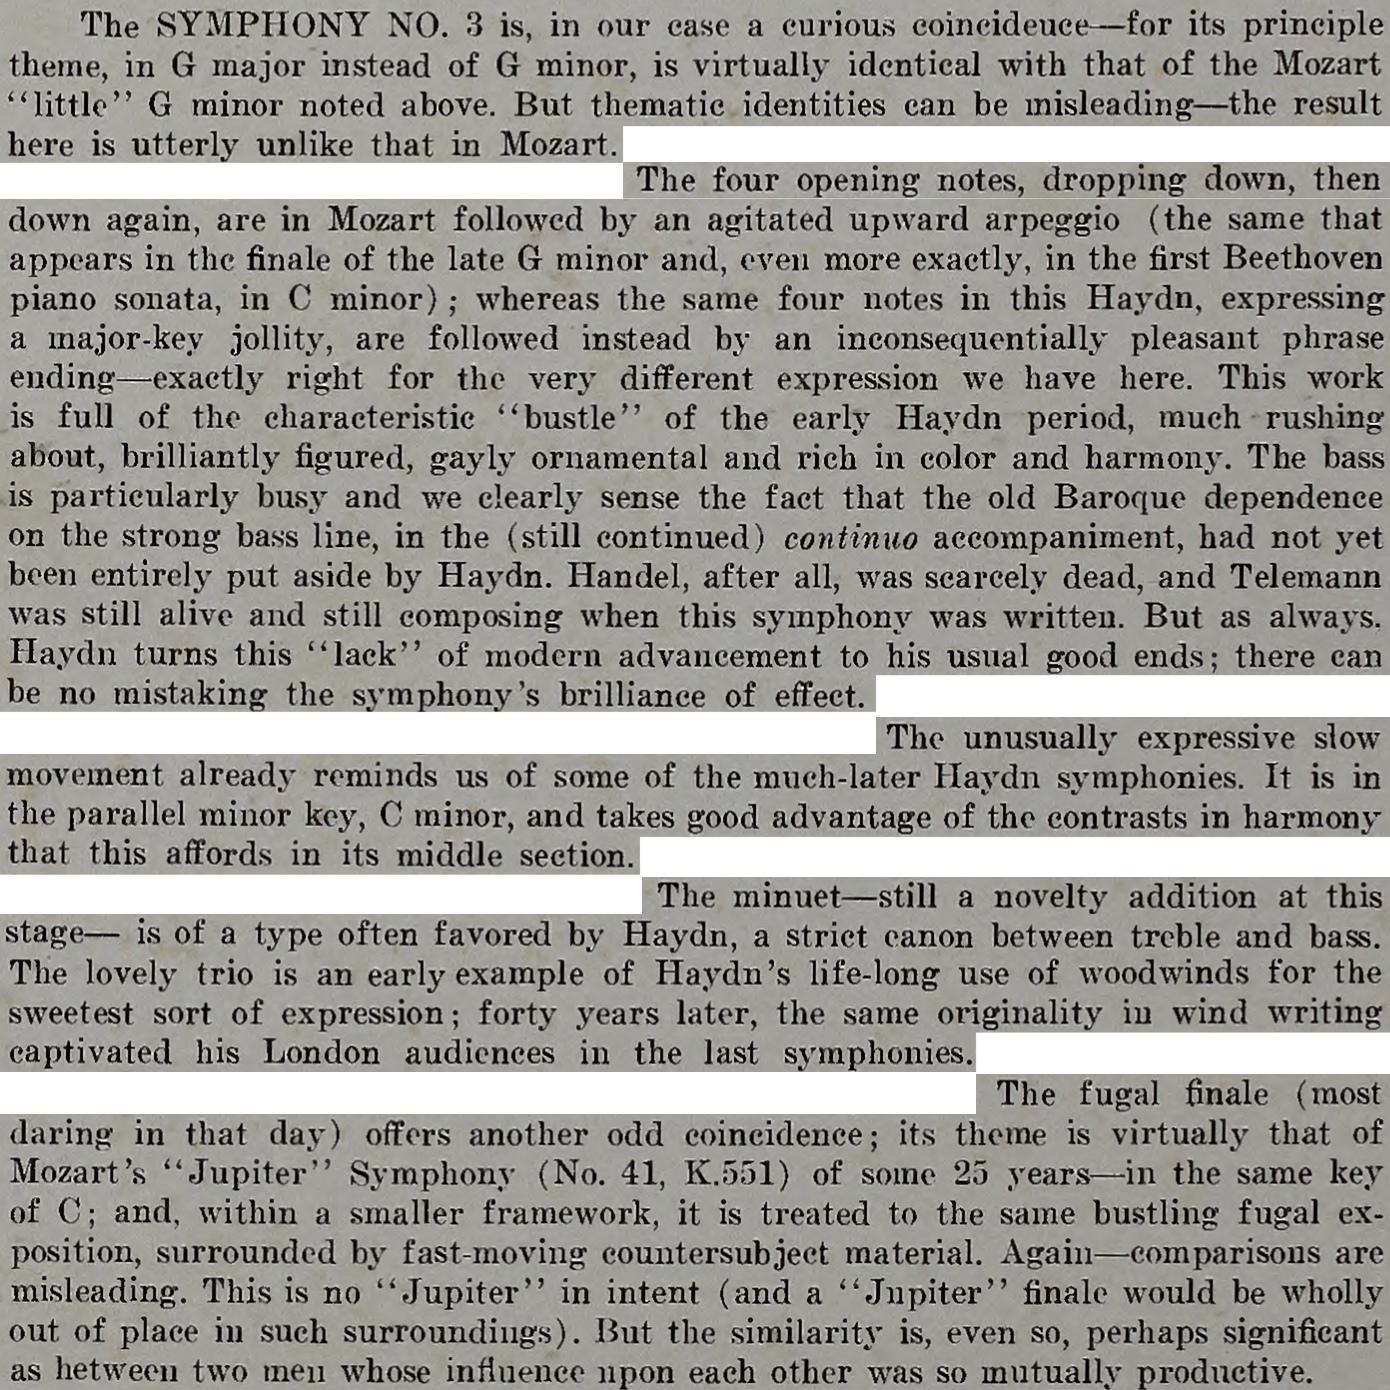 Extrait des notes de Edward Tatnal CANBY publiées au verso de la pochette du disque Nonesuch H 1096